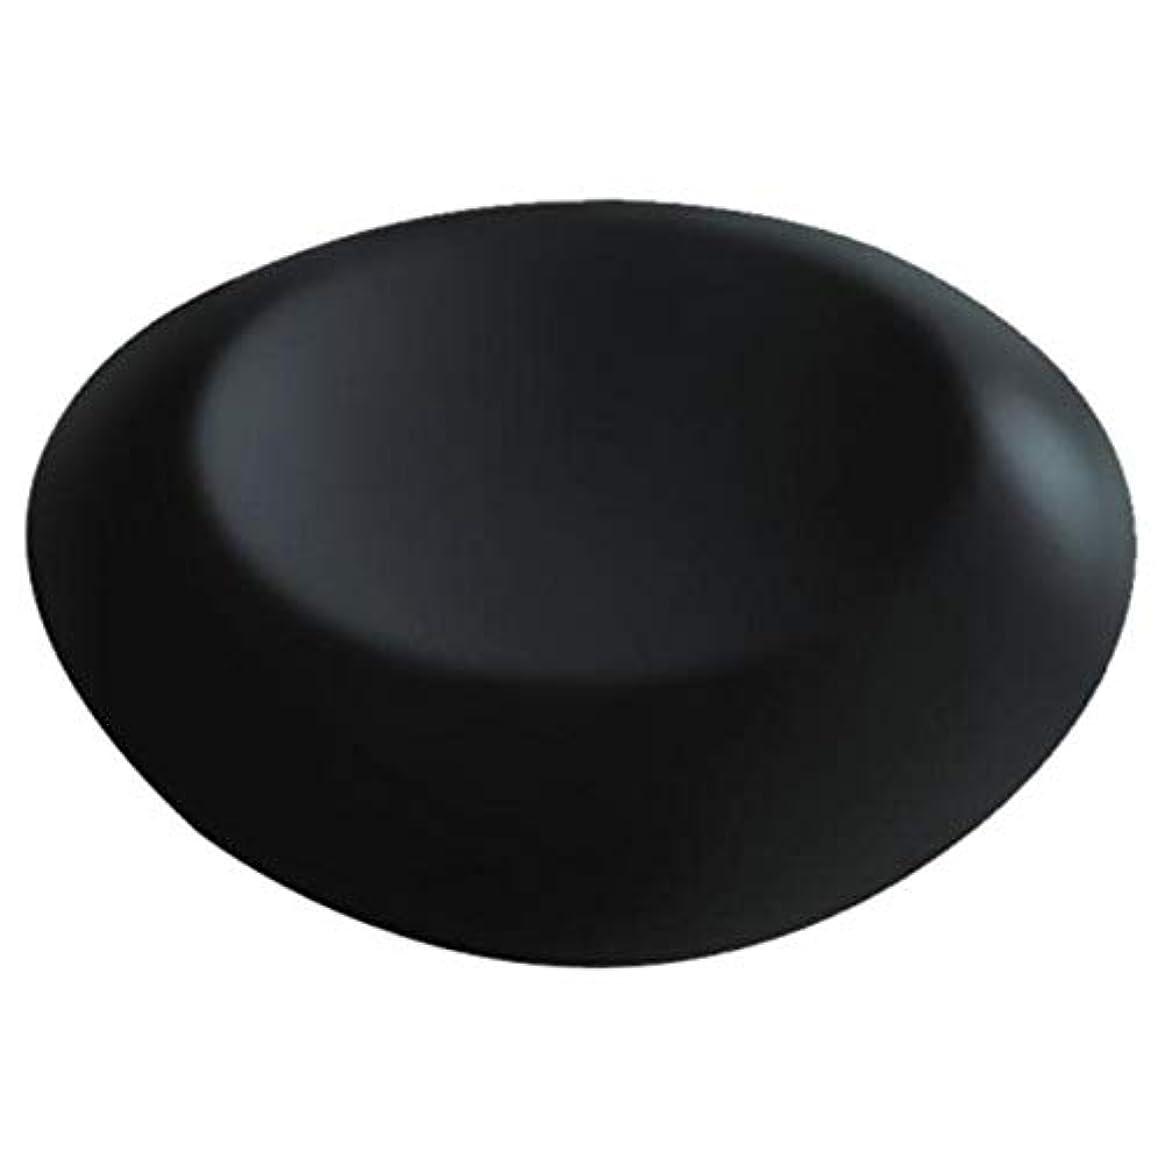 矢スープ配置滑り止めサクションカップ付きラウンドバスヘッドレストPUバスクッション人間工学に基づいたホームスパヘッドレスト